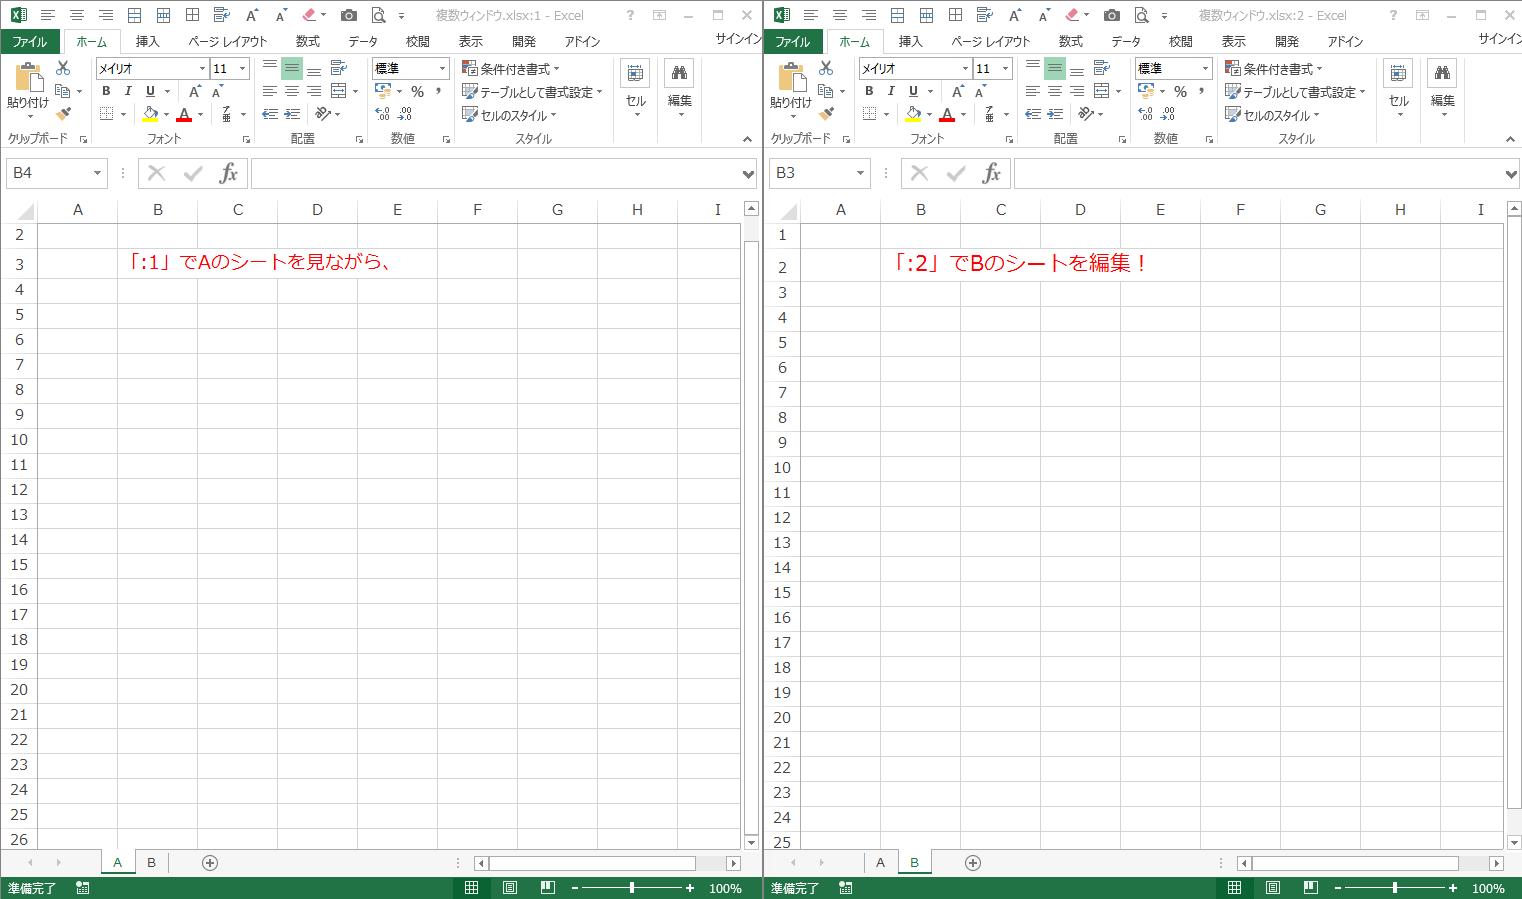 Windowsショートカットを使って、ウィンドウを左右に並べている図